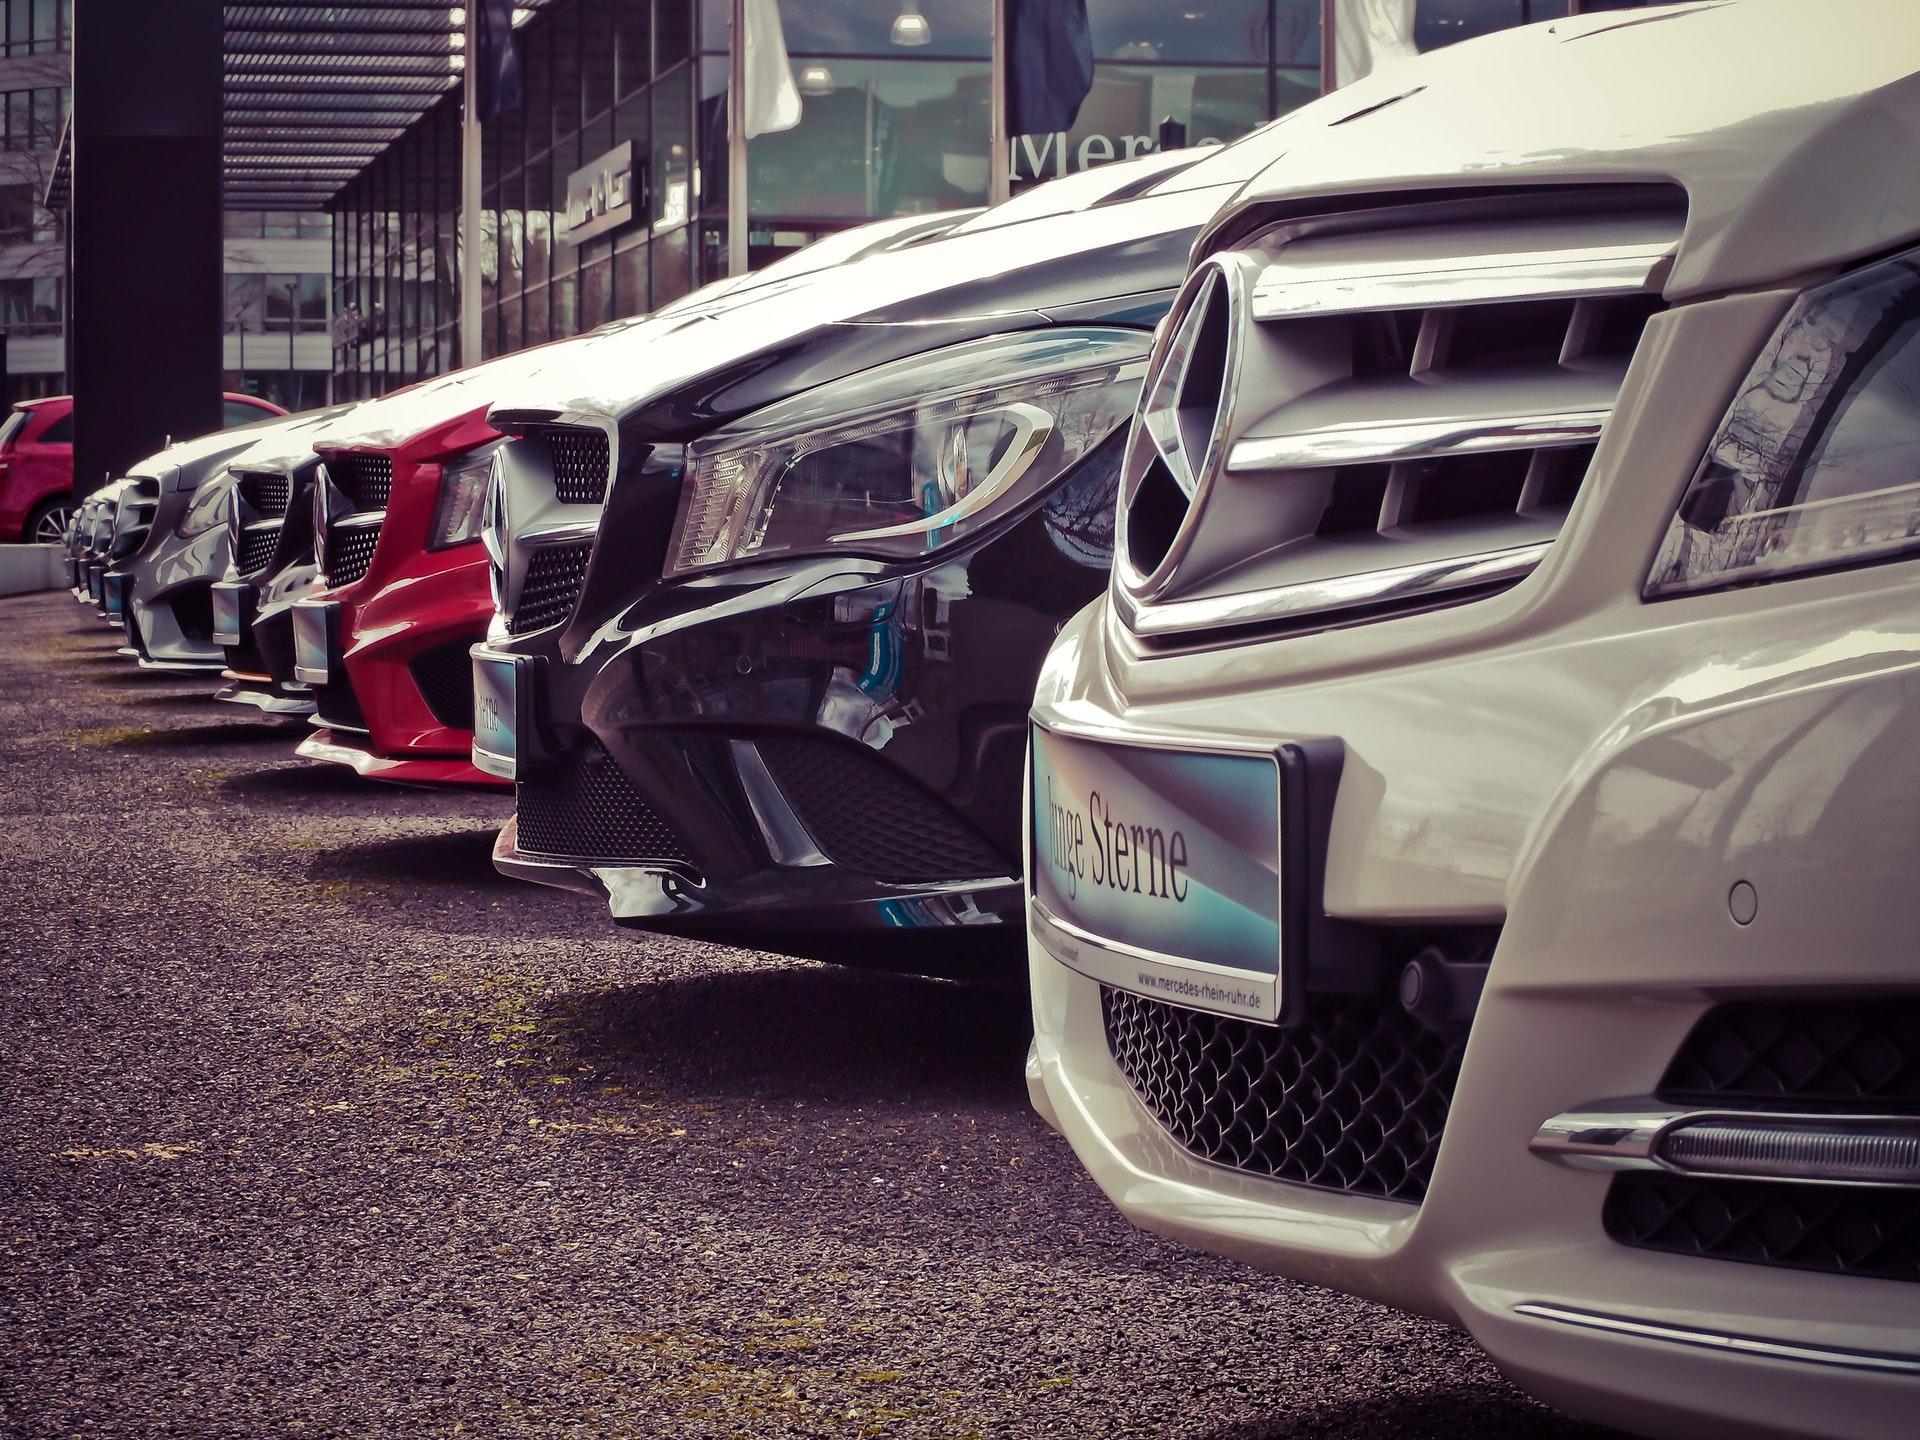 Samochody używane z gwarancją - gdzie takich szukać?